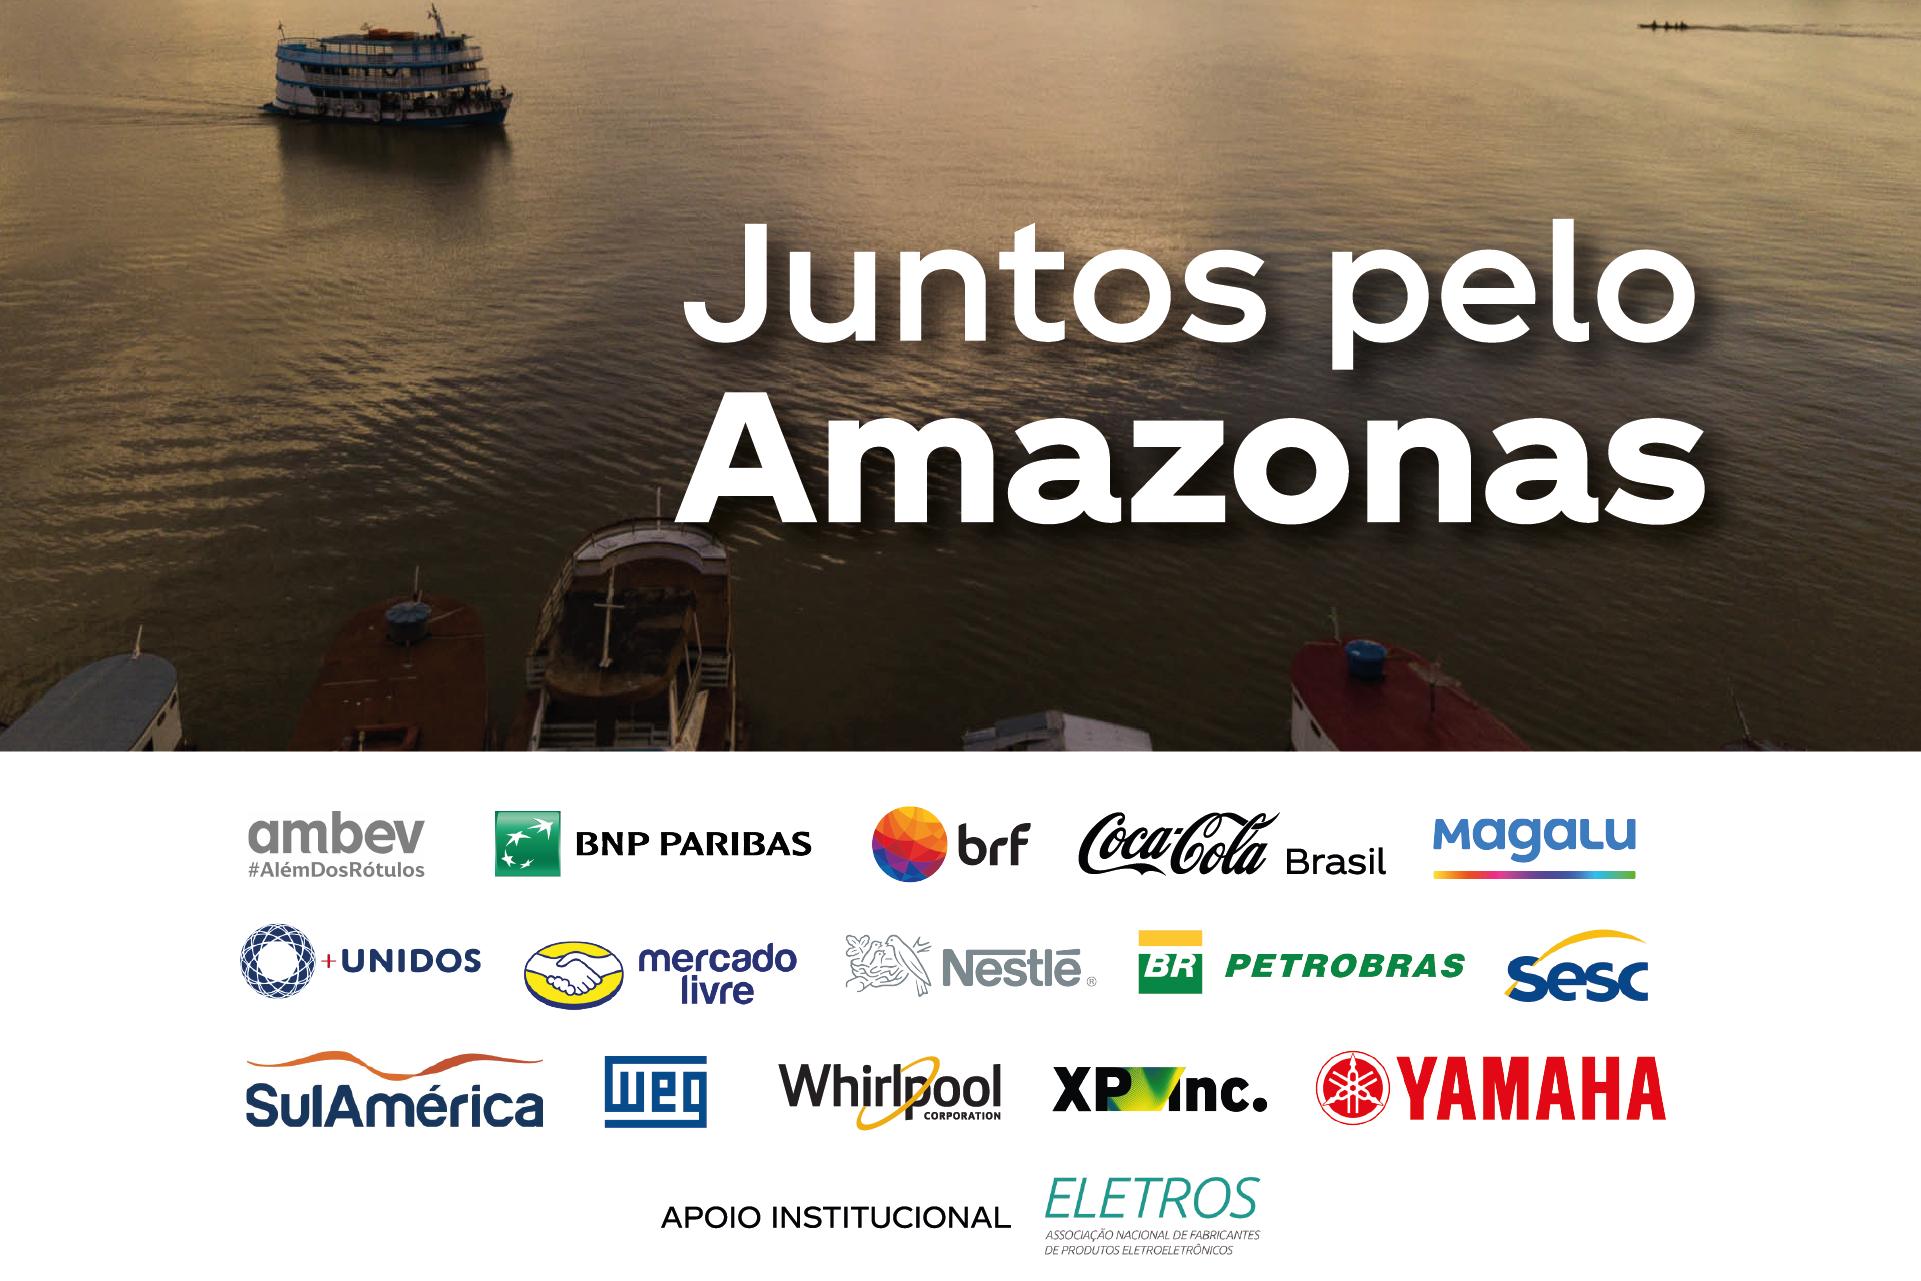 EMPRESAS SE UNEM EM AÇÃO SOLIDÁRIA PARA AJUDAR O AMAZONAS